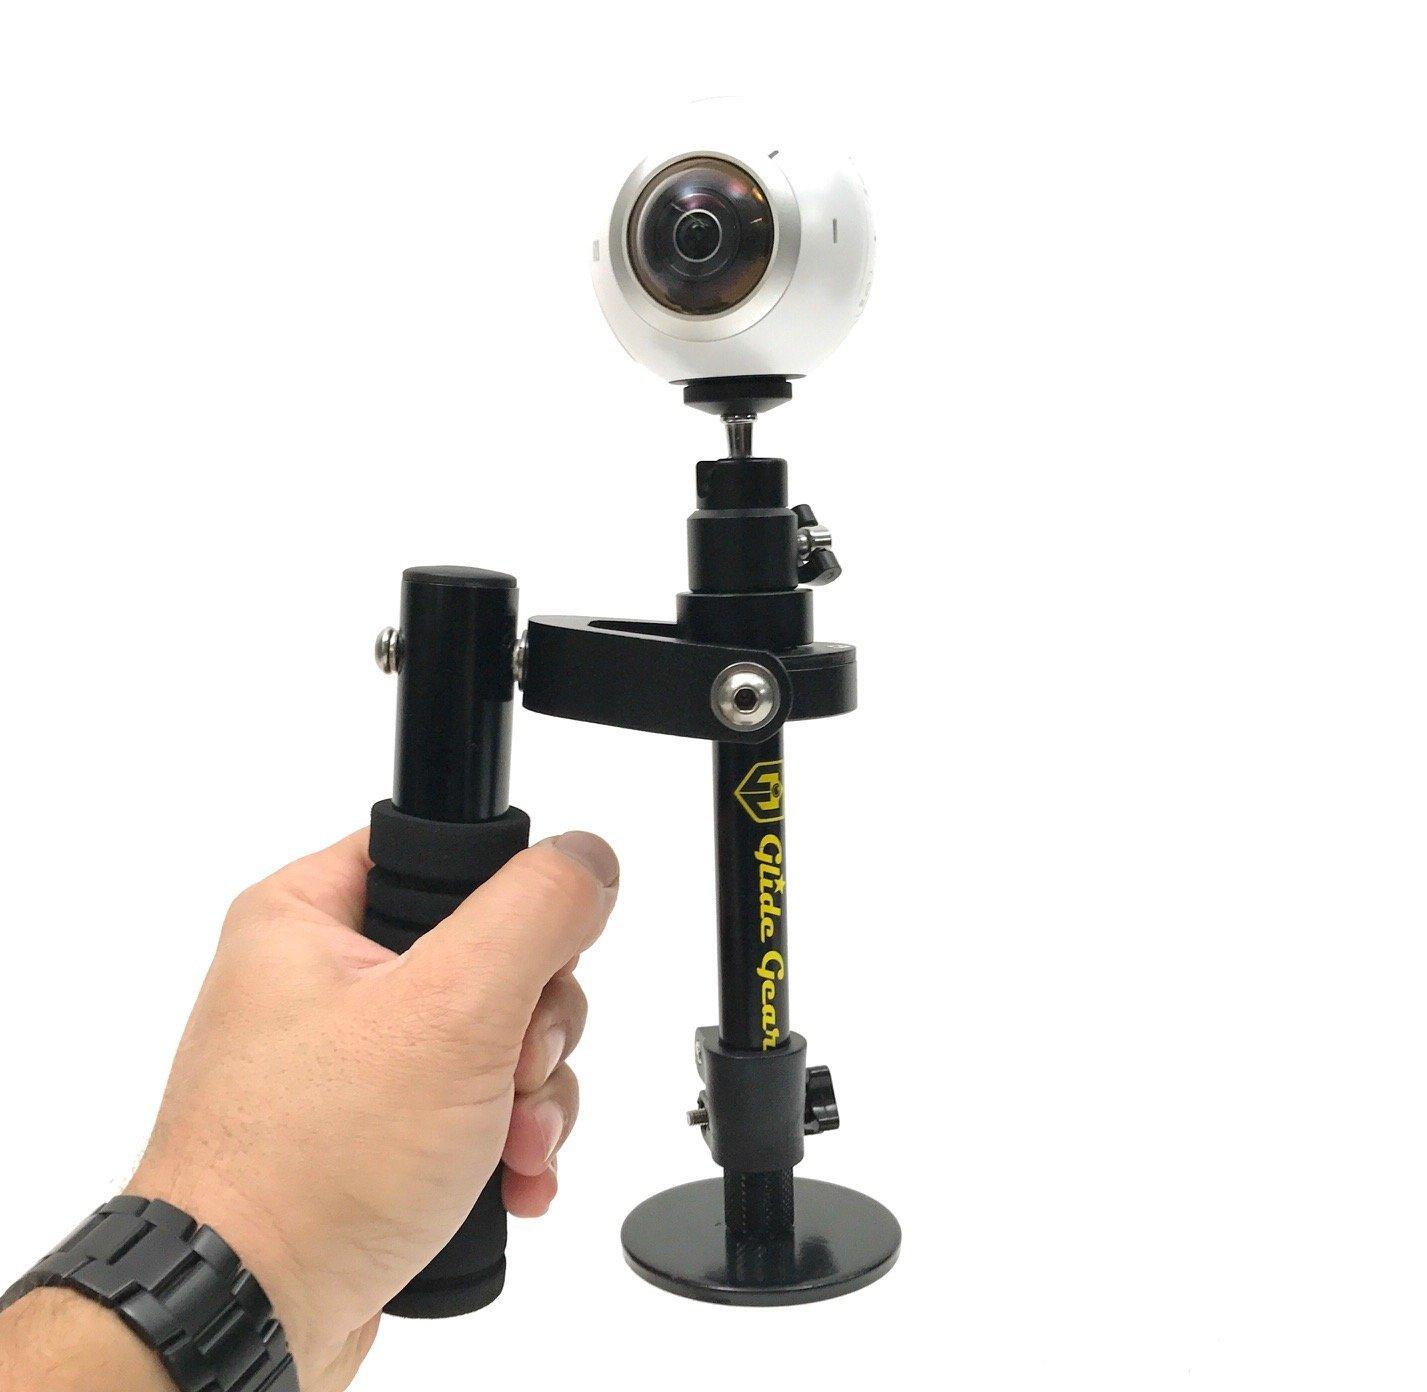 La stabilisation ? Un sujet CRUCIAL pour la vidéo 360° ! Voici pourquoi :